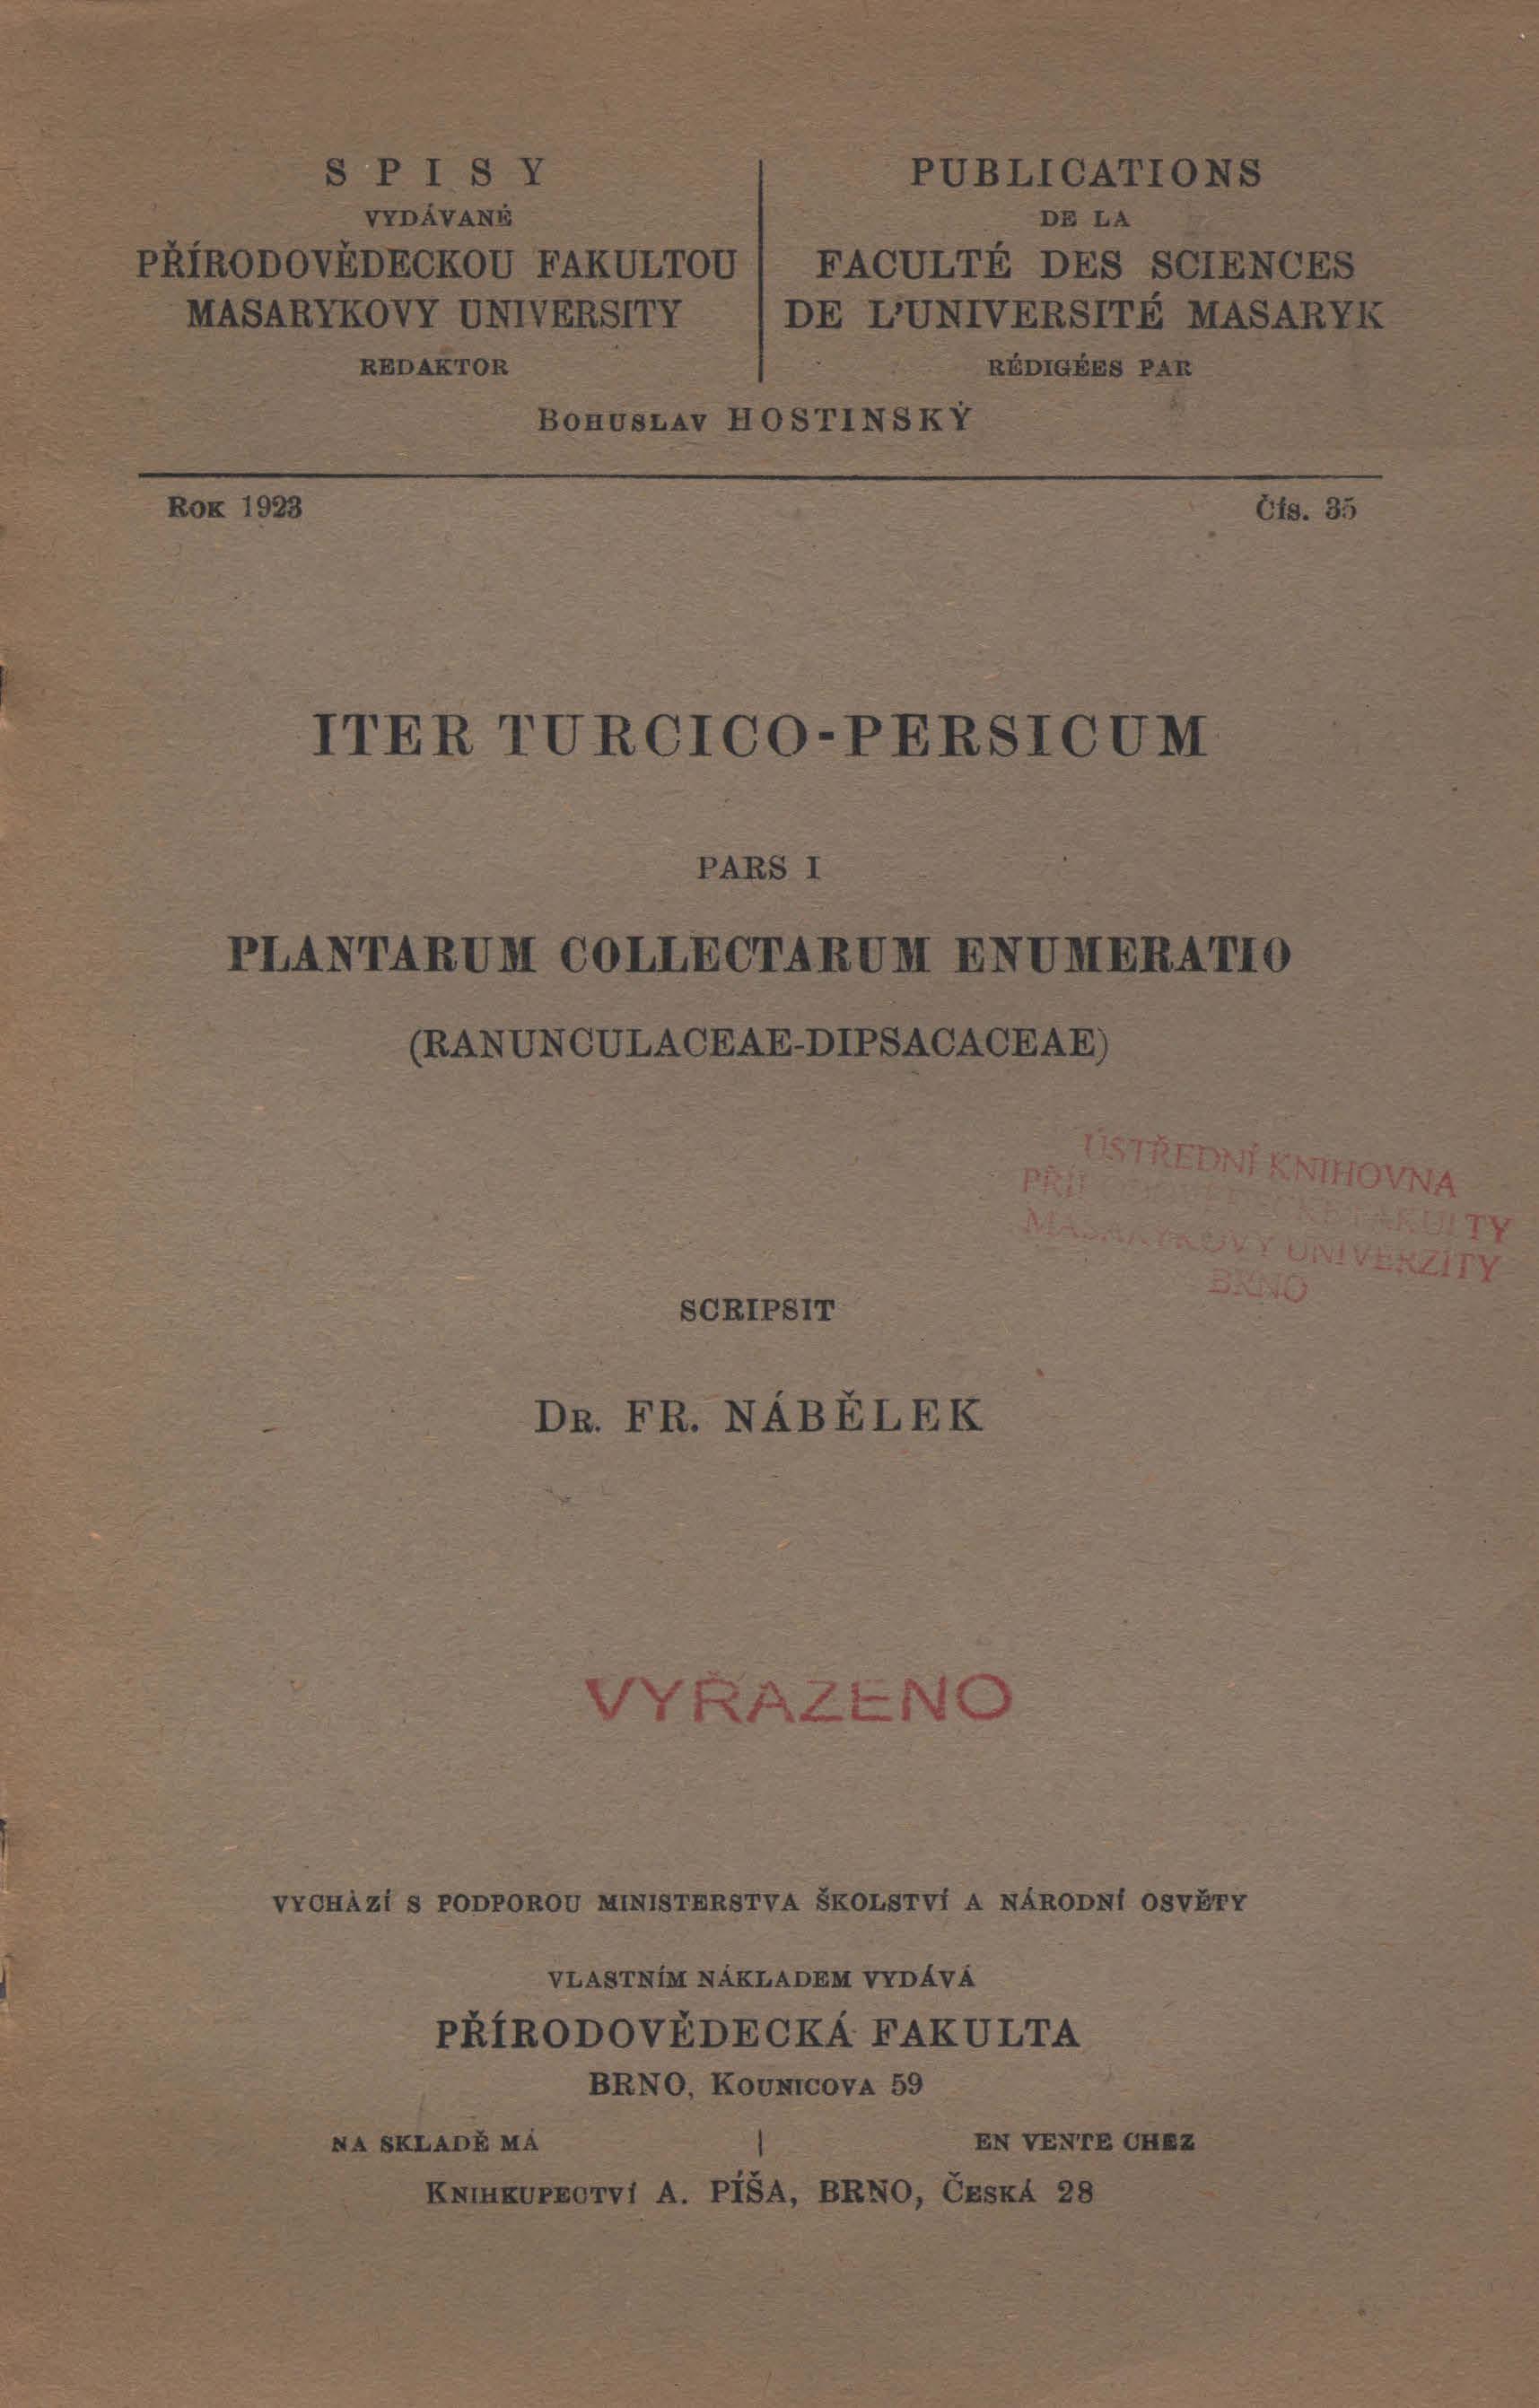 Obálka pro Iter Turcico-Persicum. Pars I, Plantarum collectarum enumeratio (Ranunculaceae-Dipsacaceae)